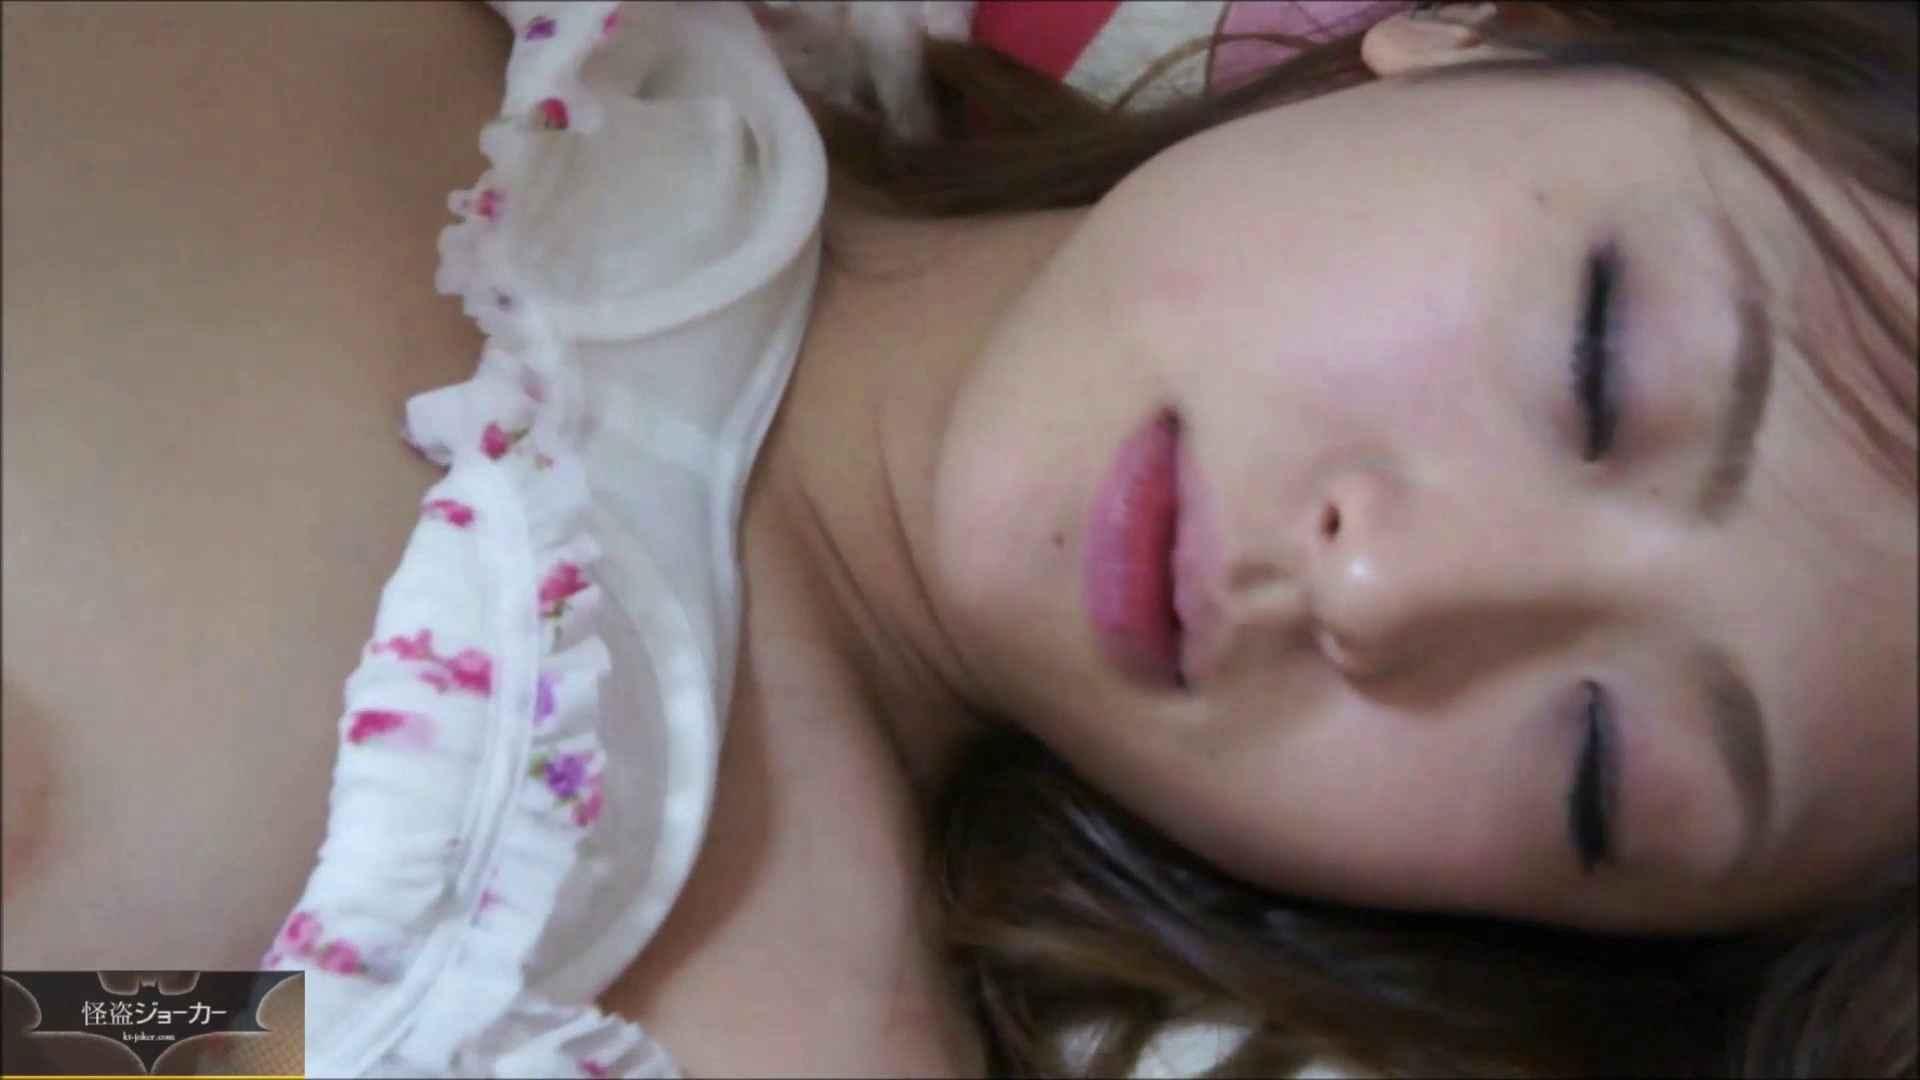 【未公開】vol.23 ユリナ、寝取られのアト。 ギャル達 ヌード画像 108枚 22